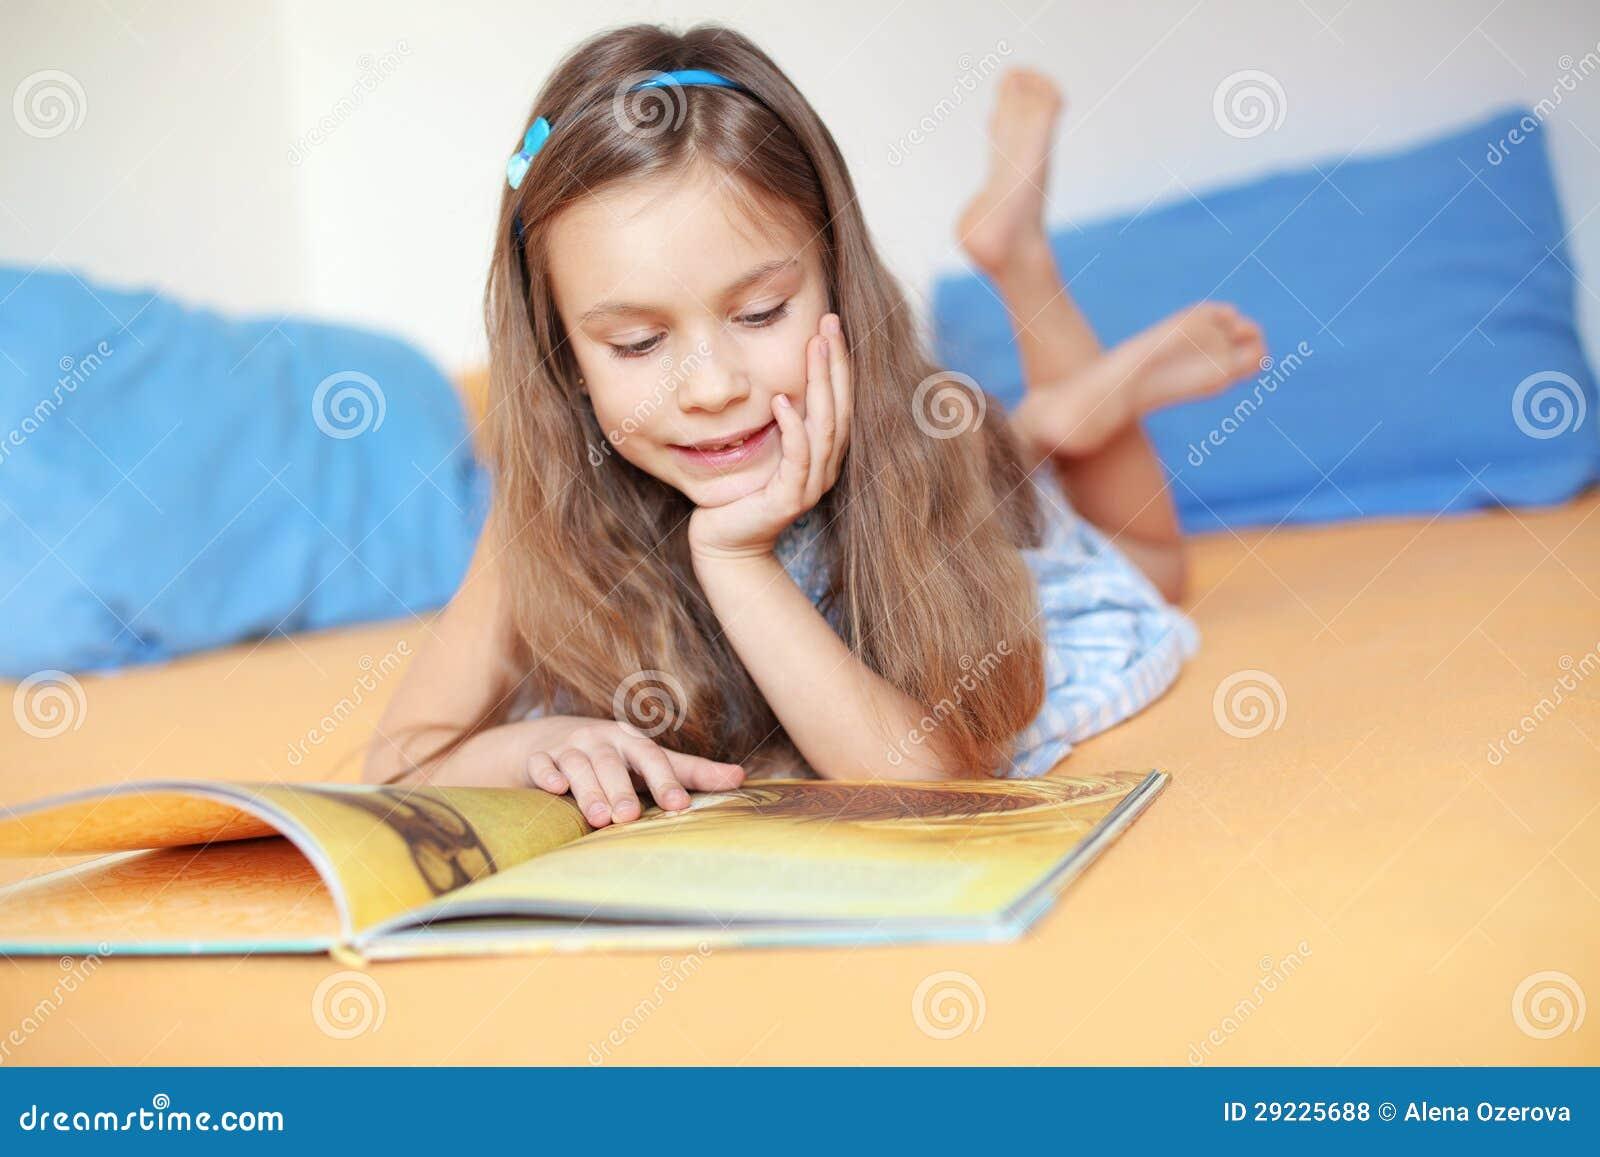 Kind die een boek lezen royalty vrije stock foto 39 s beeld 29225688 - Bereik kind boek ...